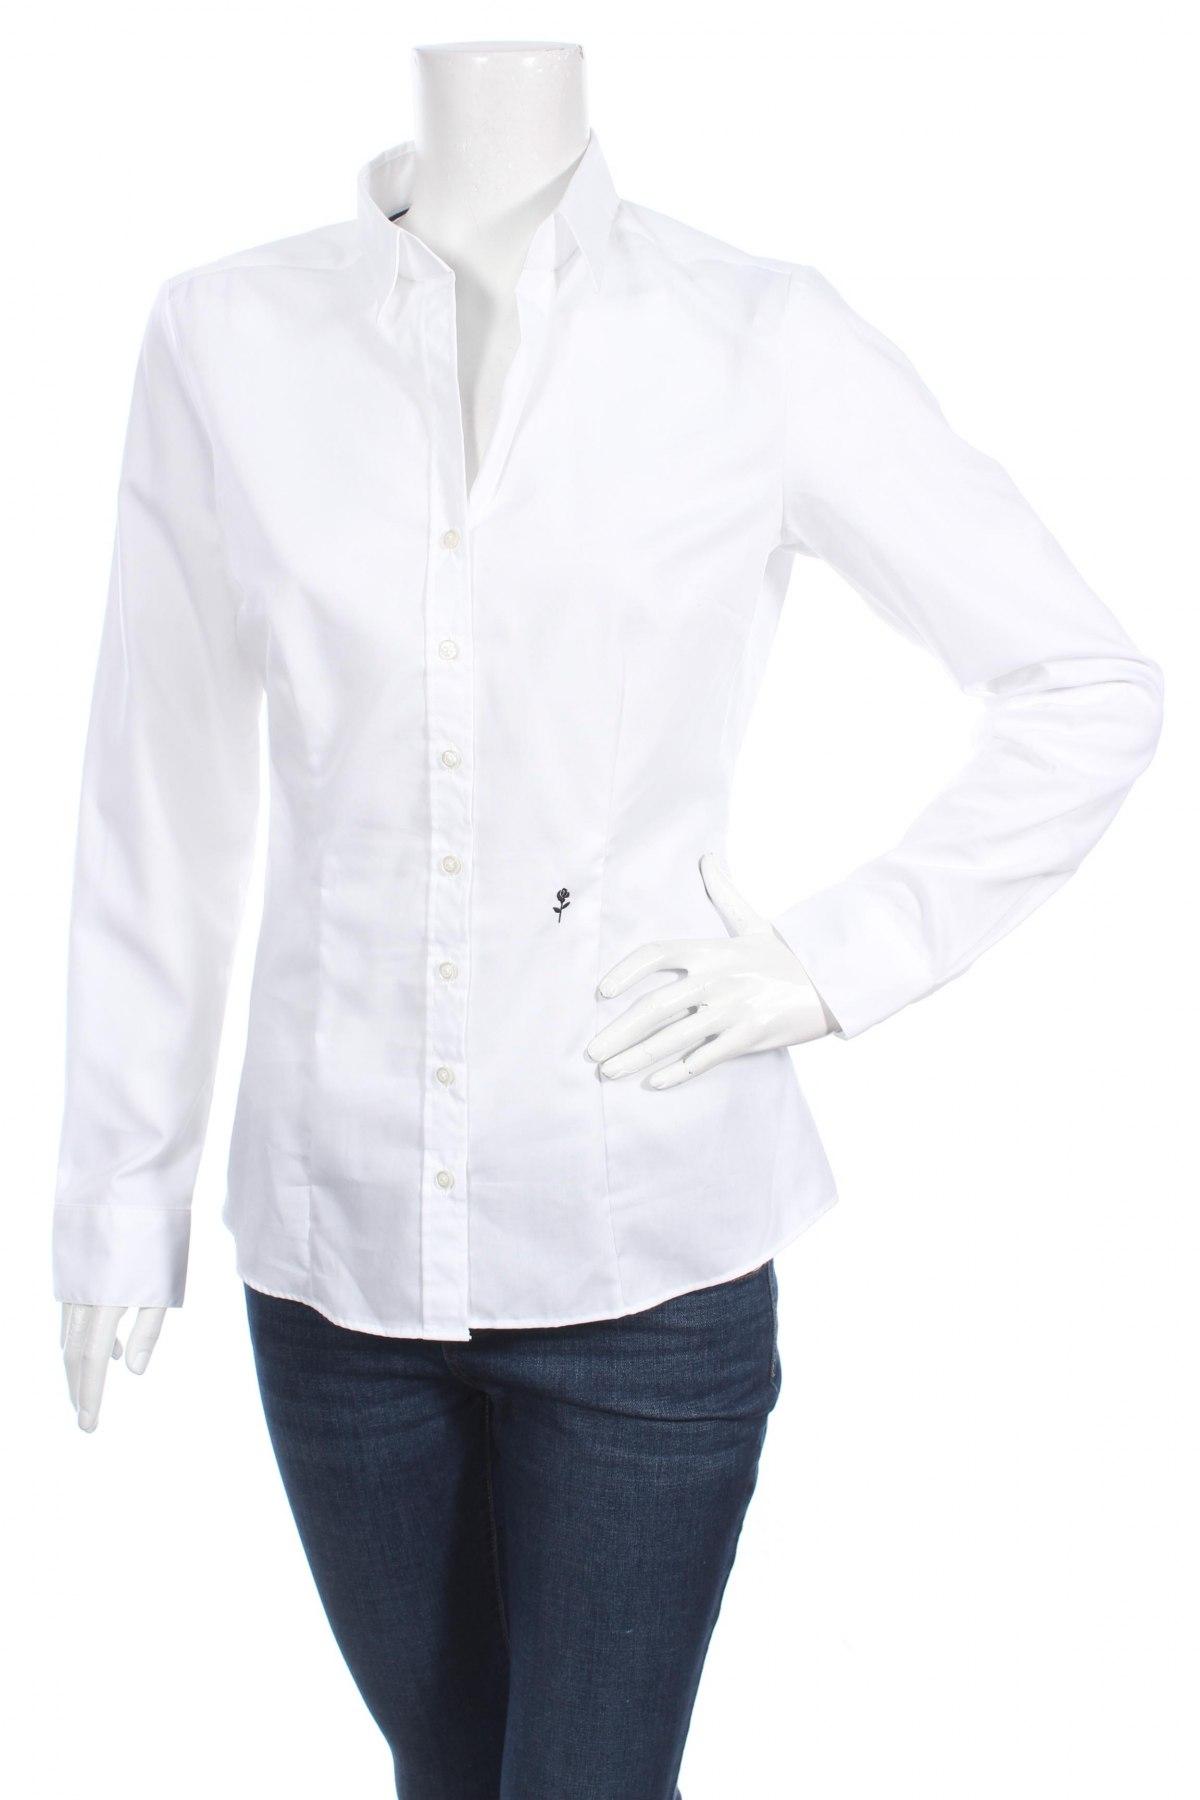 Γυναικείο πουκάμισο Seidensticker - σε συμφέρουσα τιμή στο Remix ... 5457ba137e4